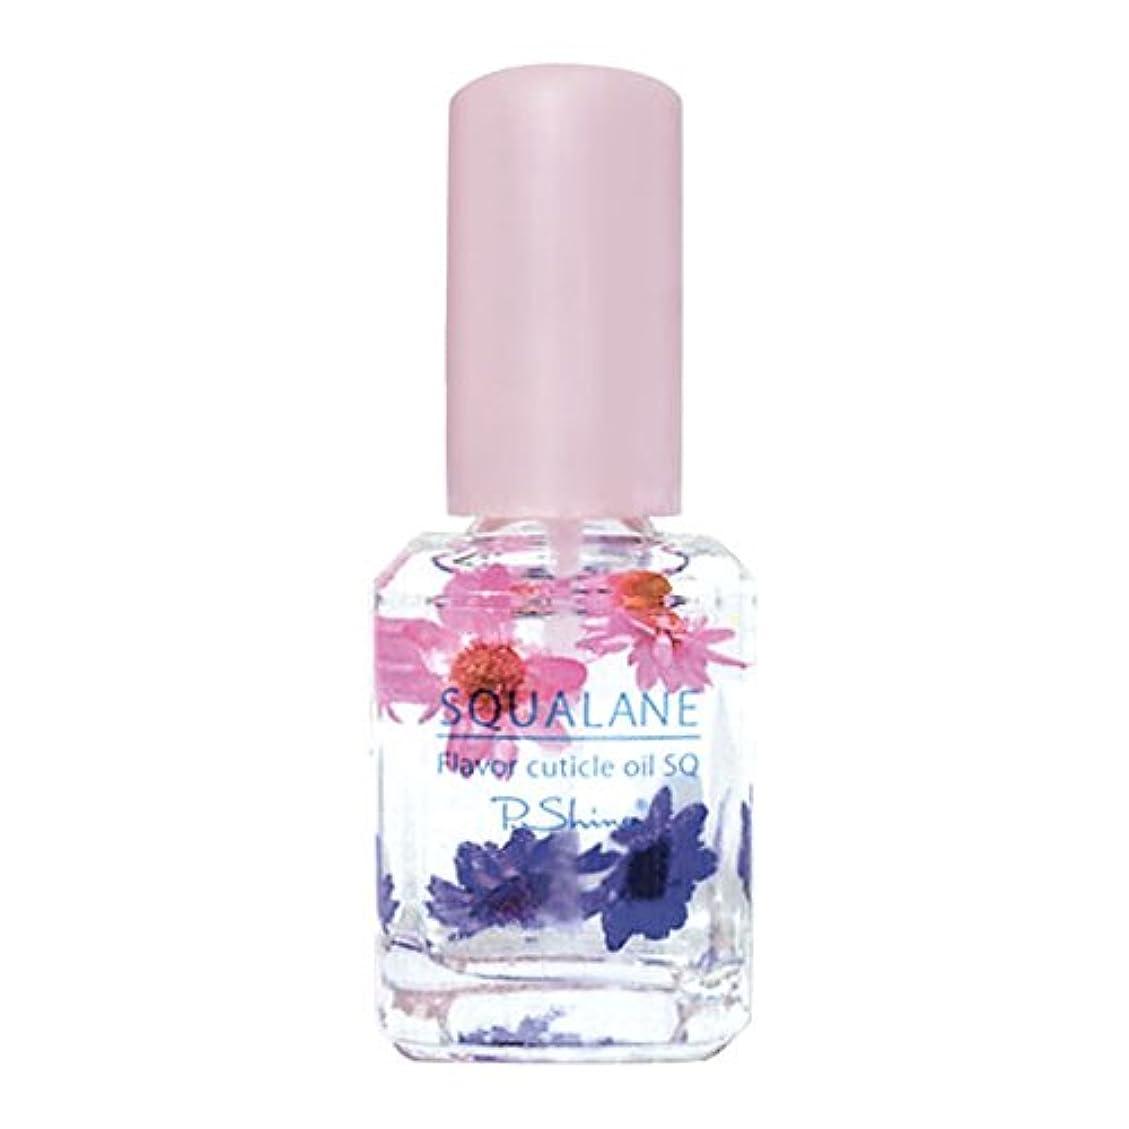 ボタン後鏡P. Shine フレーバーオイルSQ フラワーリゾート 南国の花の甘く優しい香り スクワランオイル